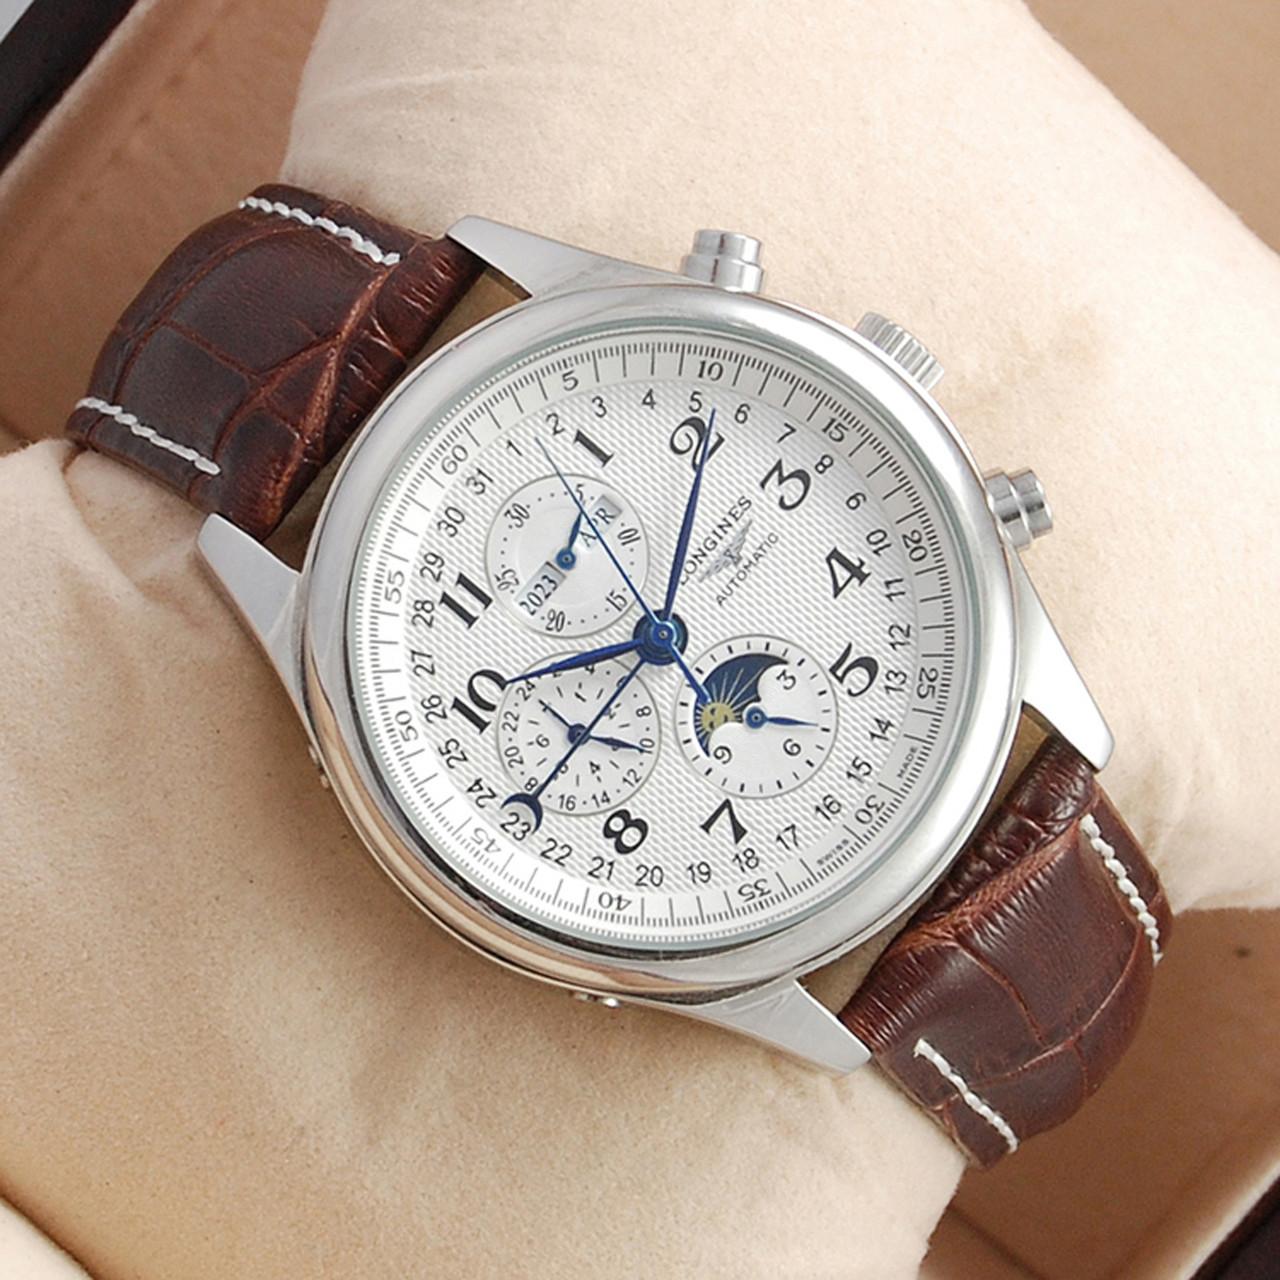 Мужские часы наручные longine купить андроид часы в минске